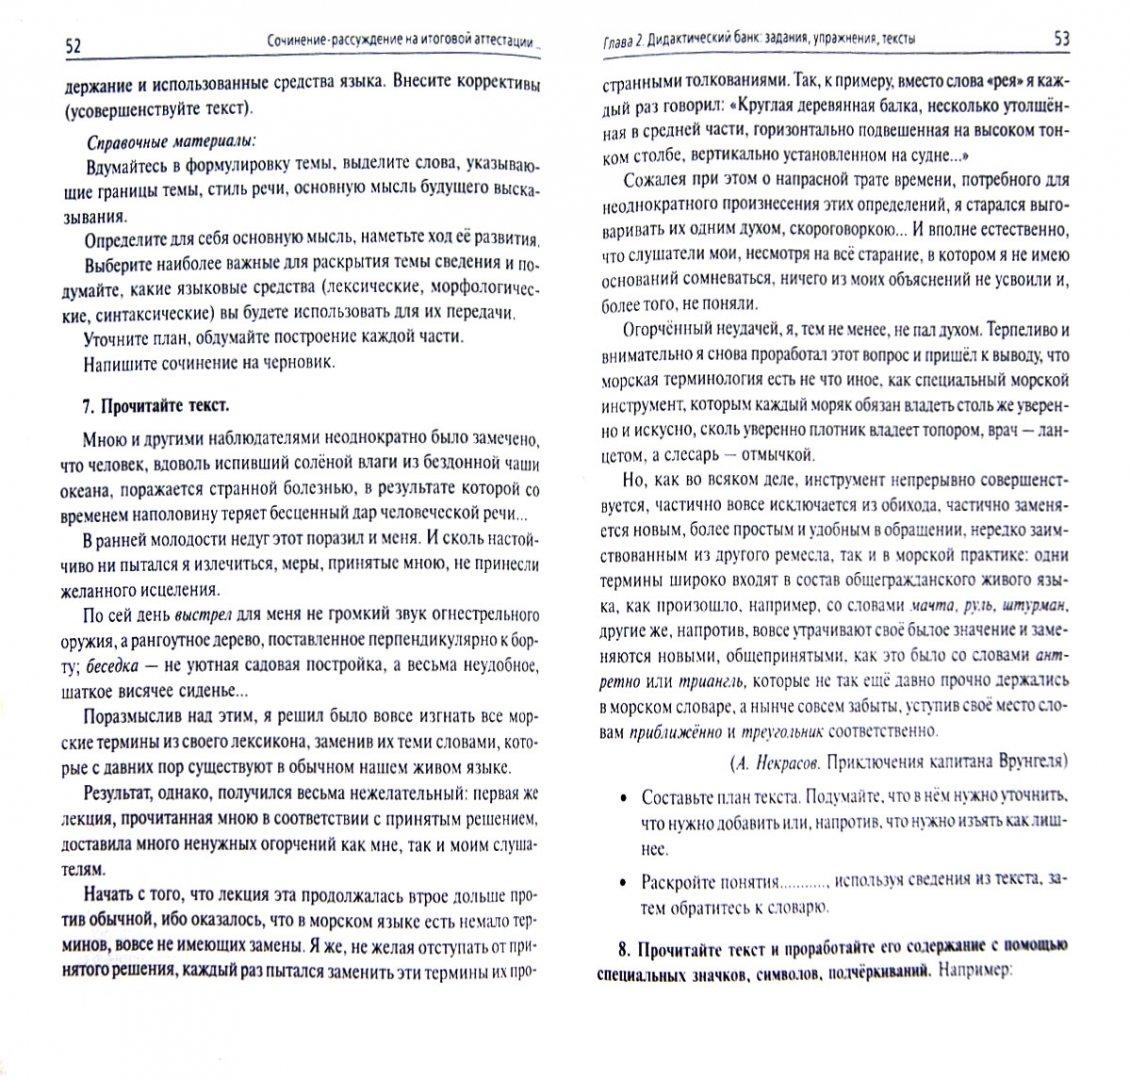 Иллюстрация 1 из 7 для Сочинение-рассуждение. Творческое задание (Часть С) в 9 и 11 классах. Путь к успеху - Павлова, Раннева | Лабиринт - книги. Источник: Лабиринт